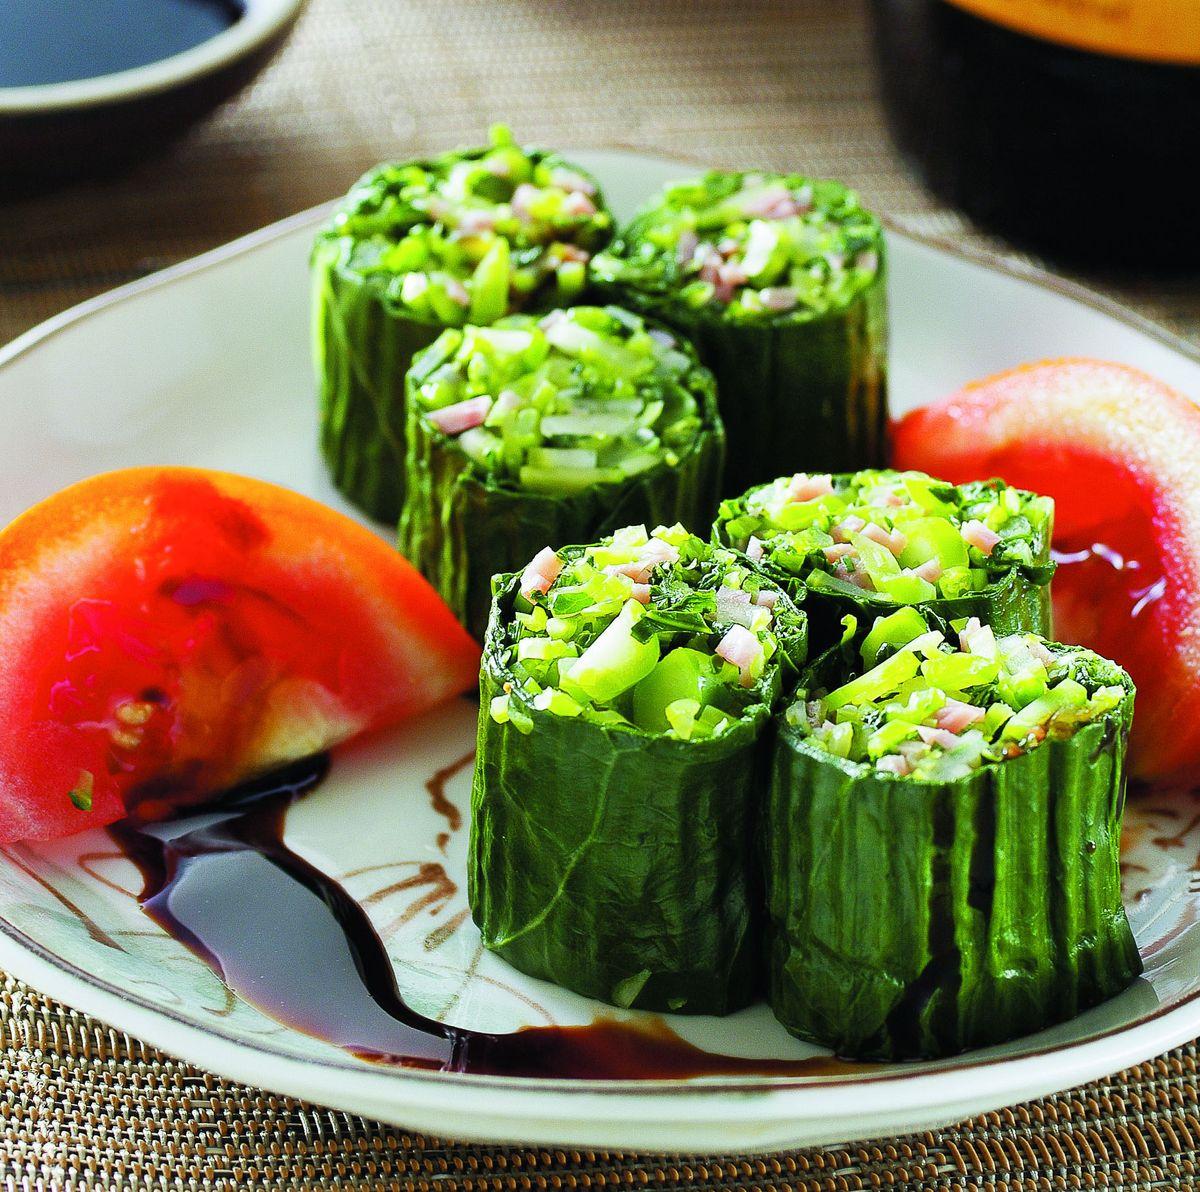 食譜:蒜香芥蘭卷